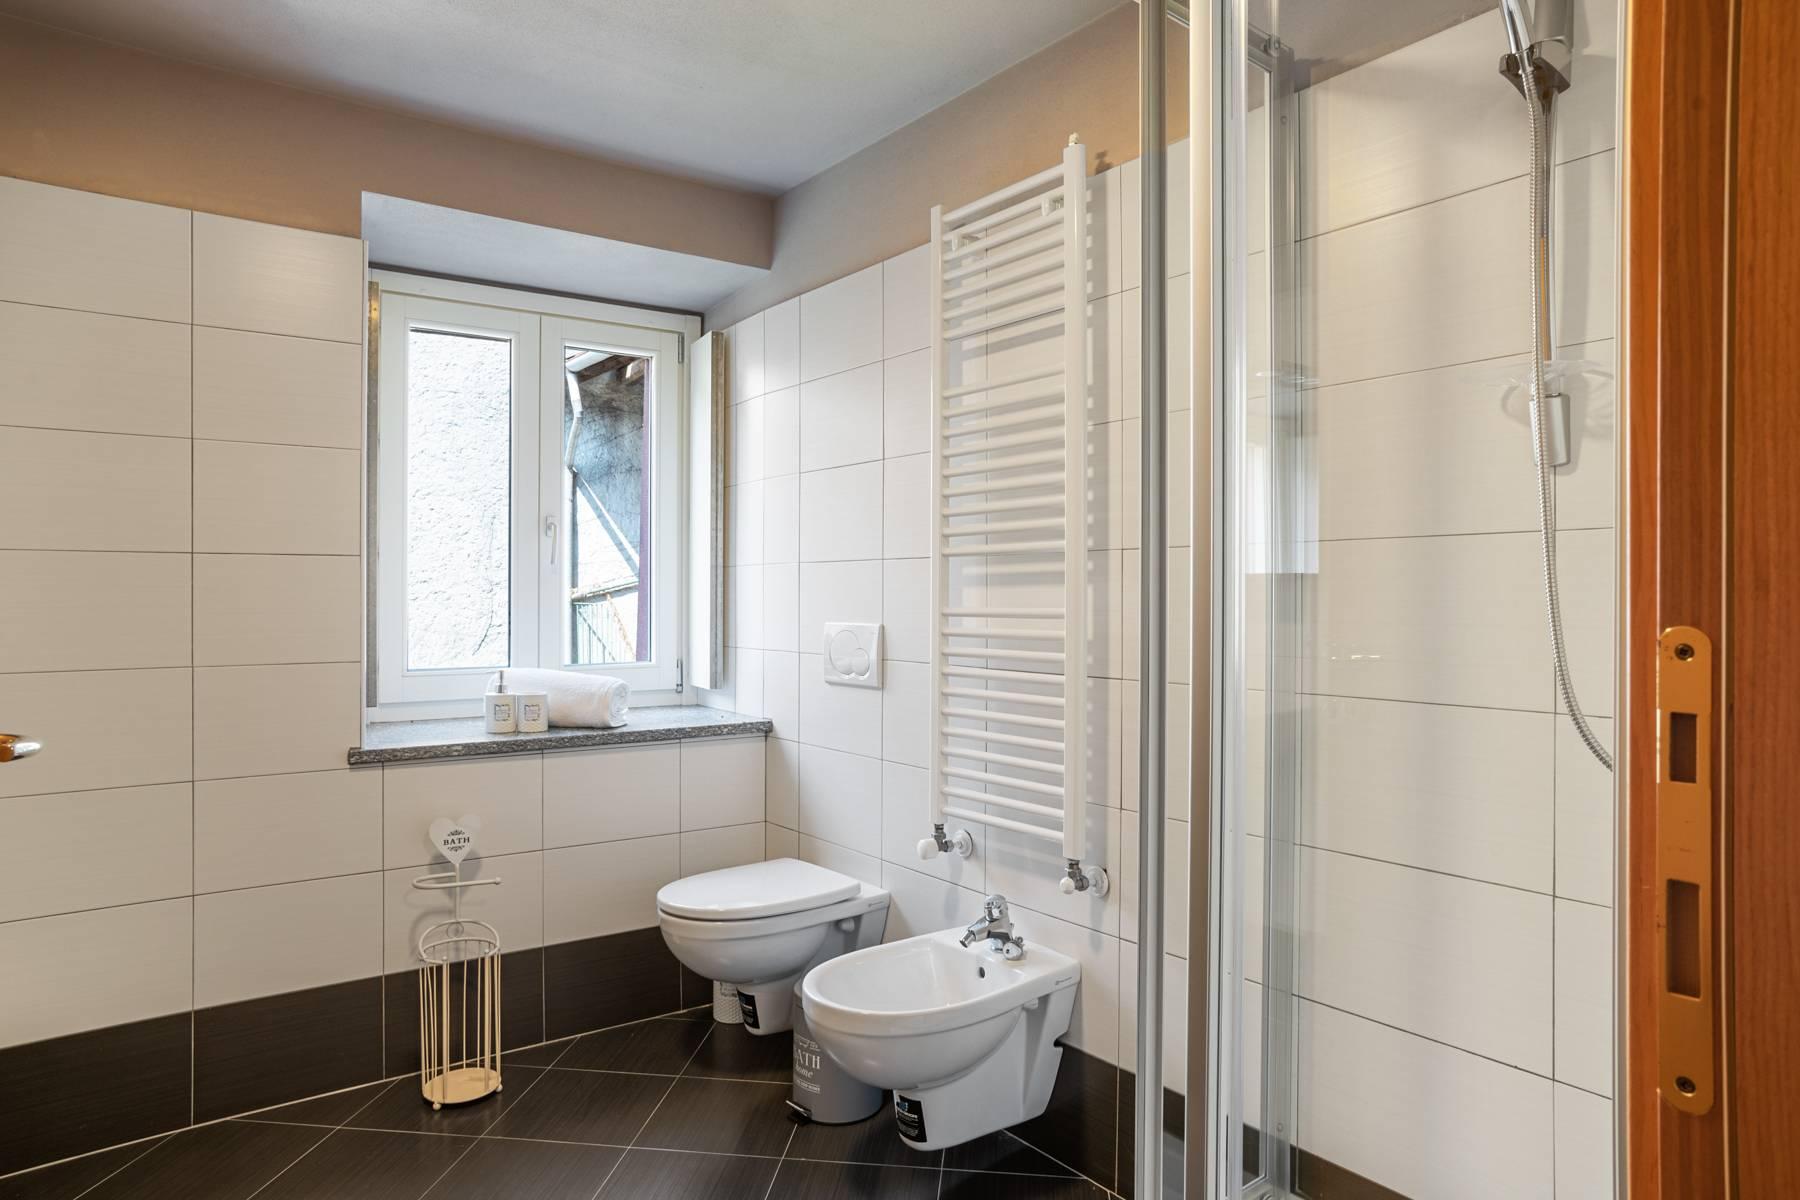 Appartamento in Vendita a Castelveccana: 3 locali, 108 mq - Foto 6